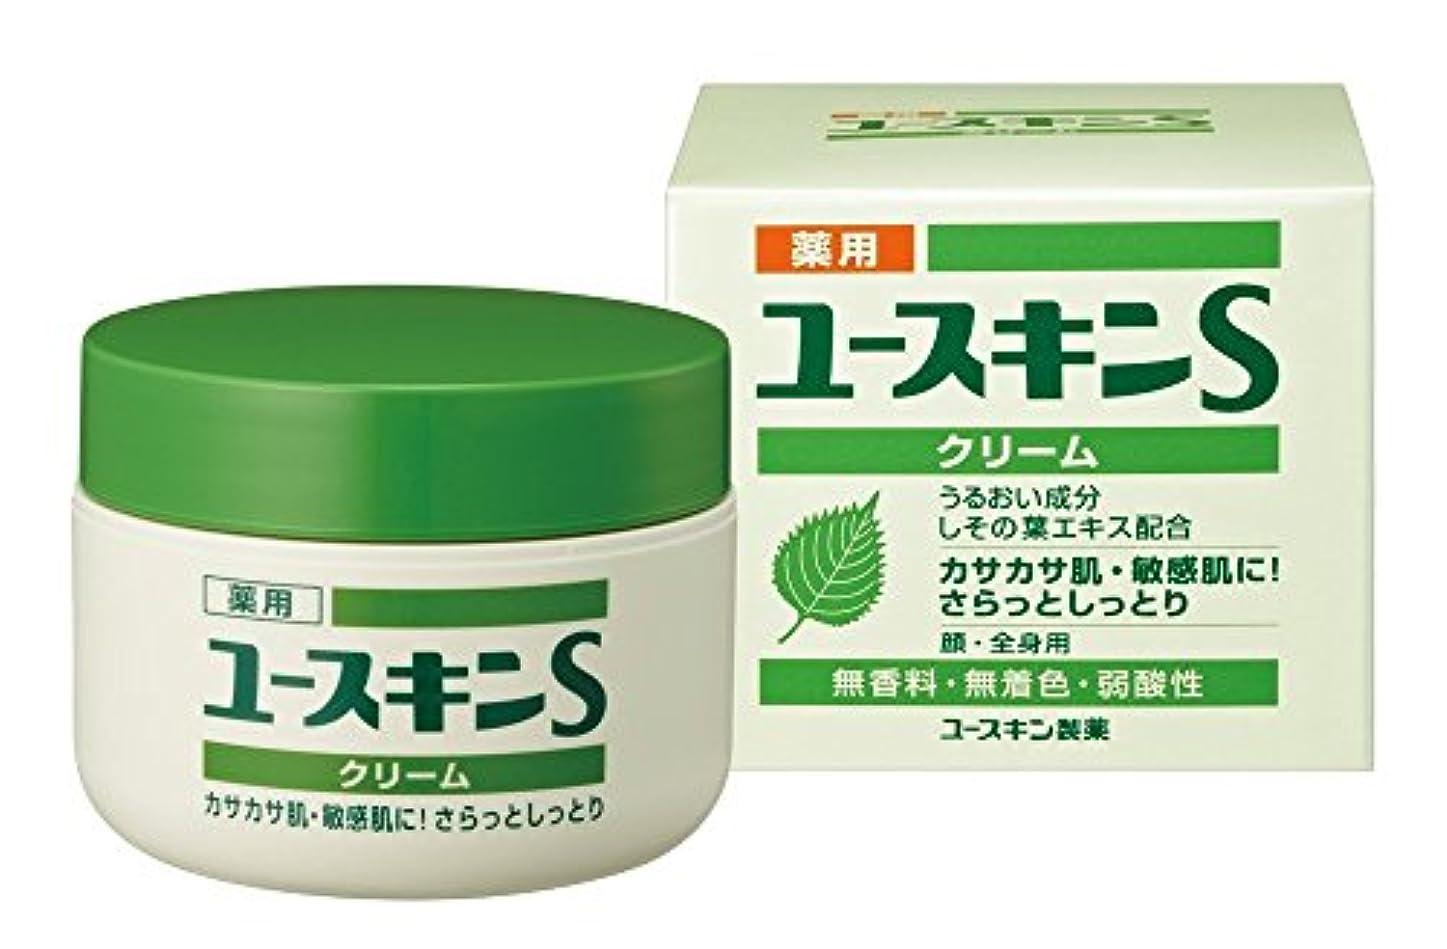 血まみれ実際意志に反するユースキン製薬 薬用ユースキンSクリーム 70g(医薬部外品)